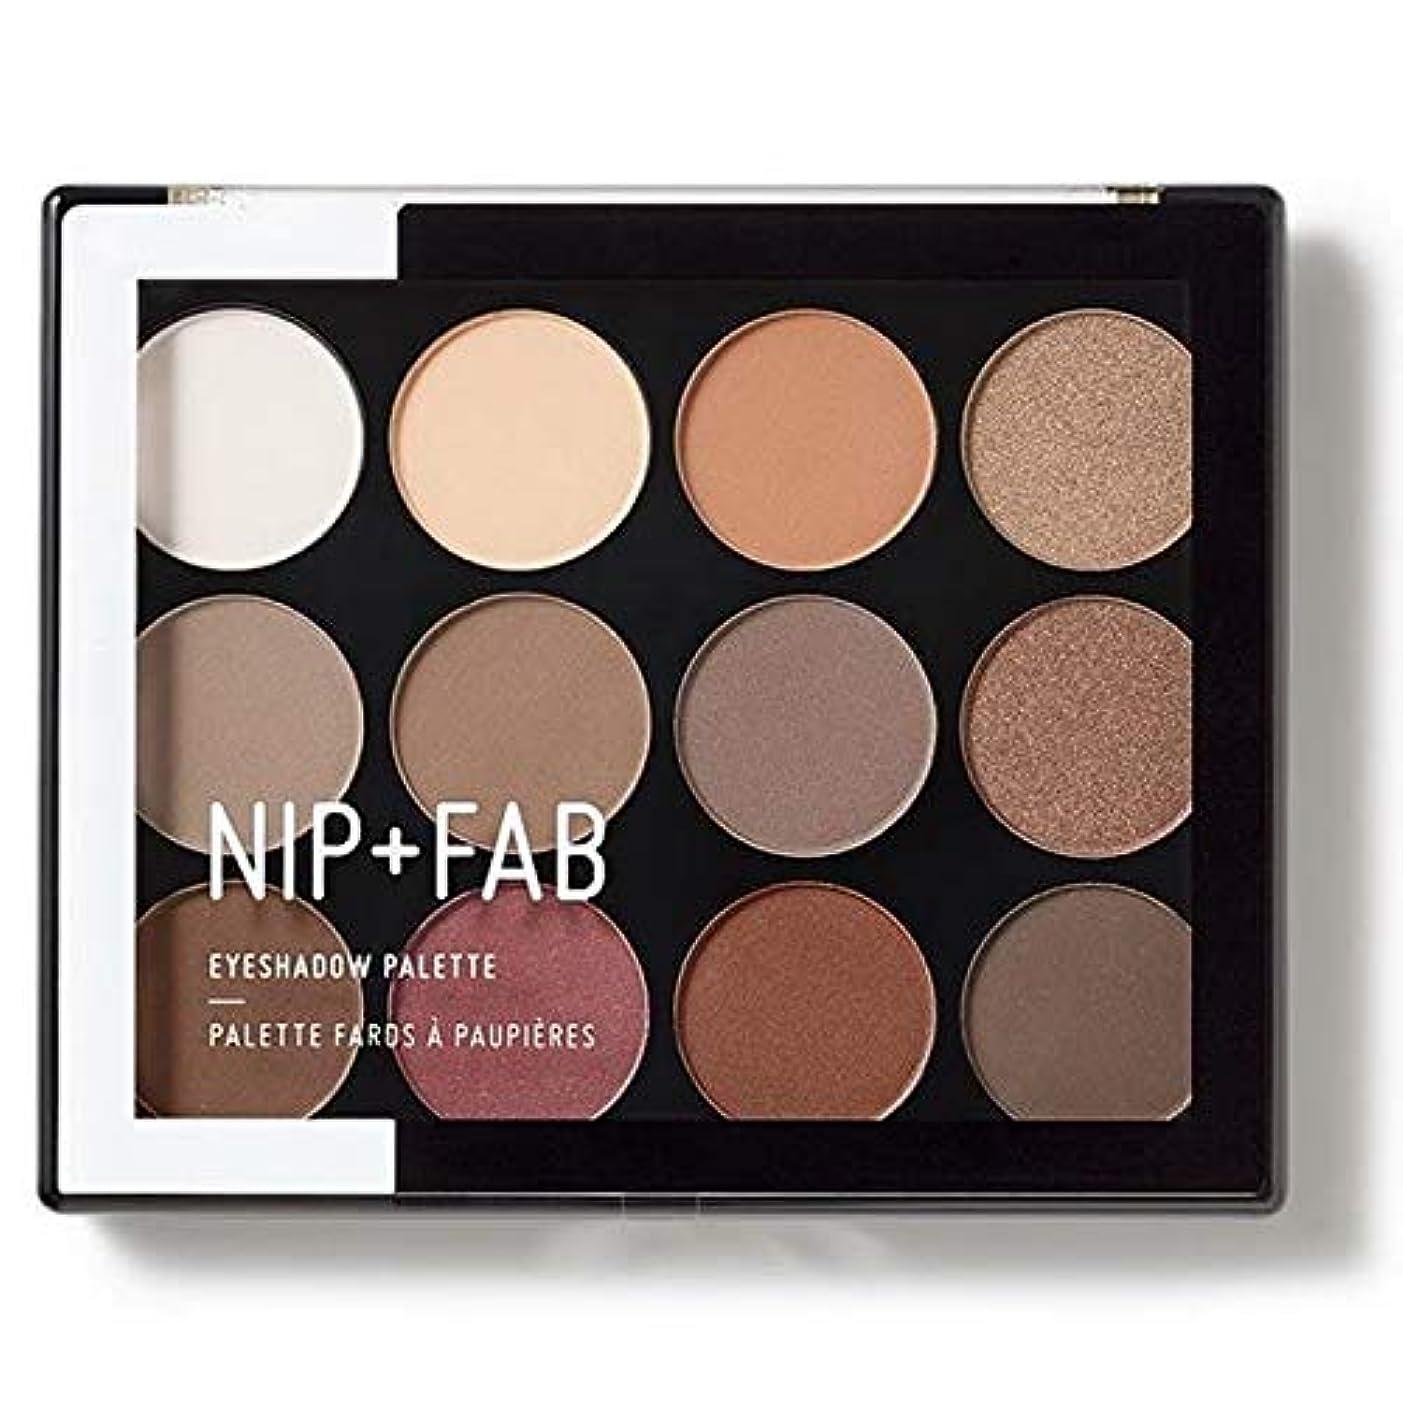 贅沢簡略化するアジア人[Nip & Fab ] アイシャドウパレット12グラムが1を彫刻作るFab +ニップ - NIP+FAB Make Up Eyeshadow Palette 12g Sculpted 1 [並行輸入品]